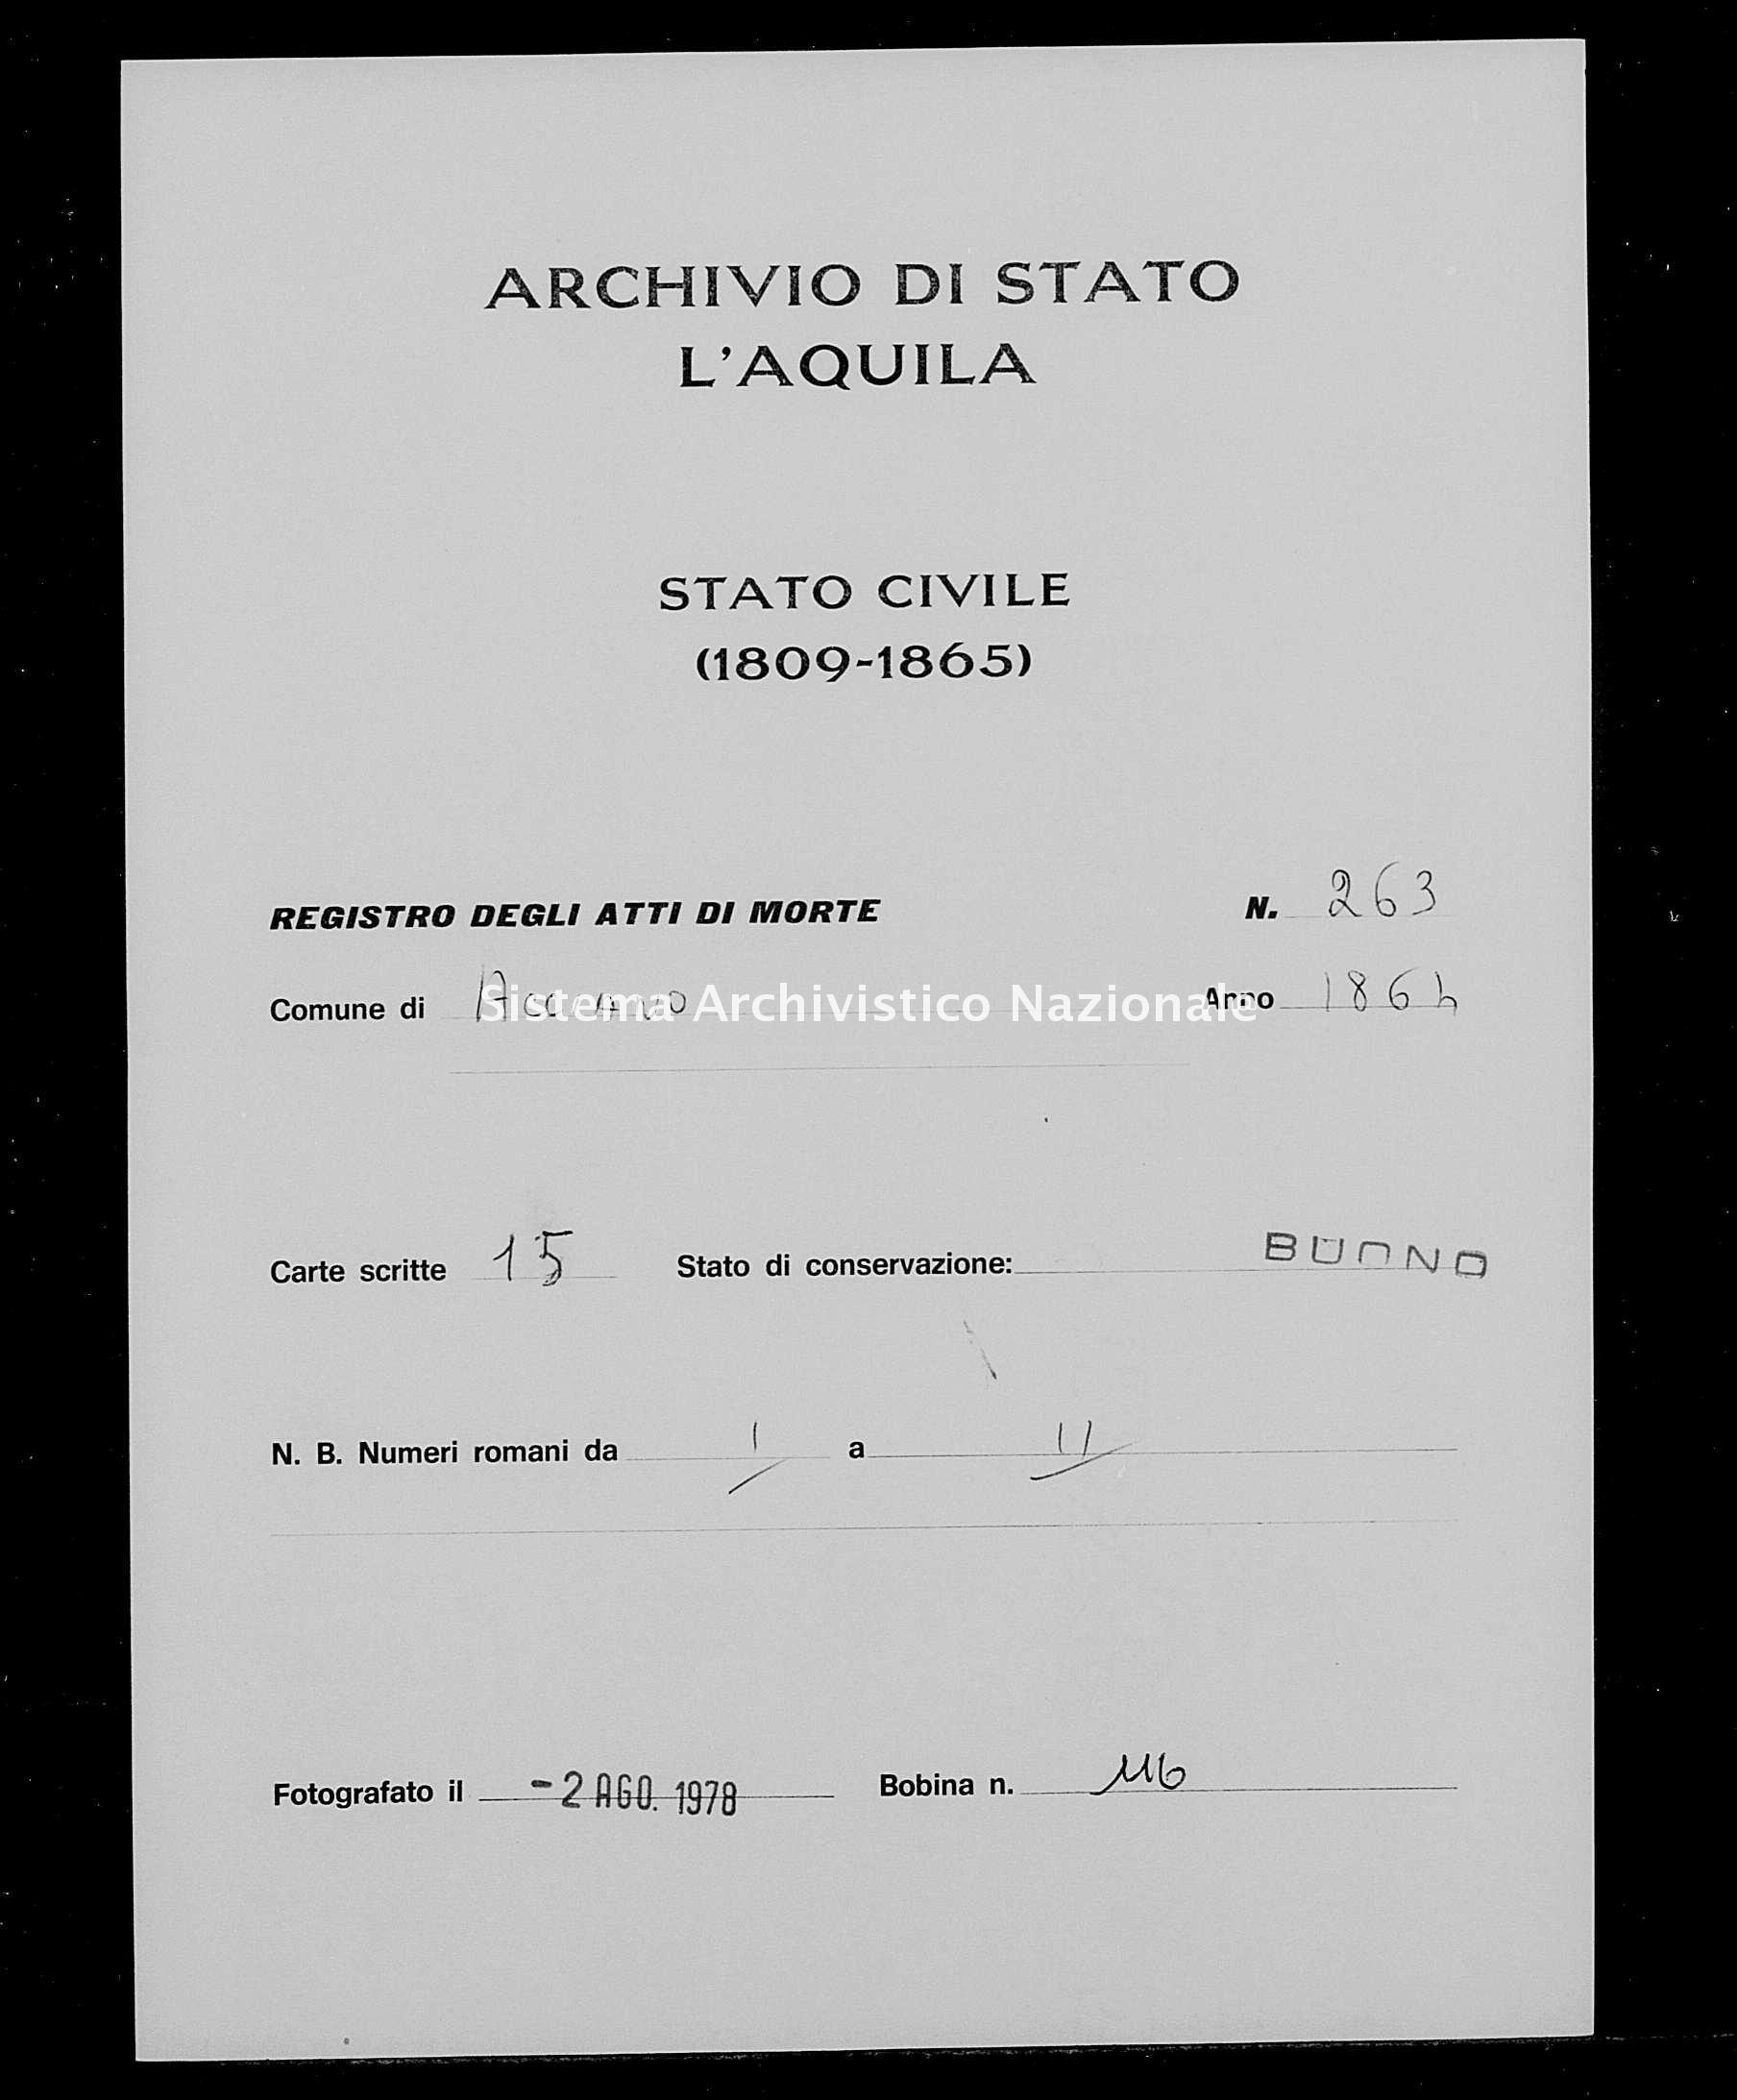 Archivio di stato di L'aquila - Stato civile italiano - Acciano - Morti - 1864 - 263 -